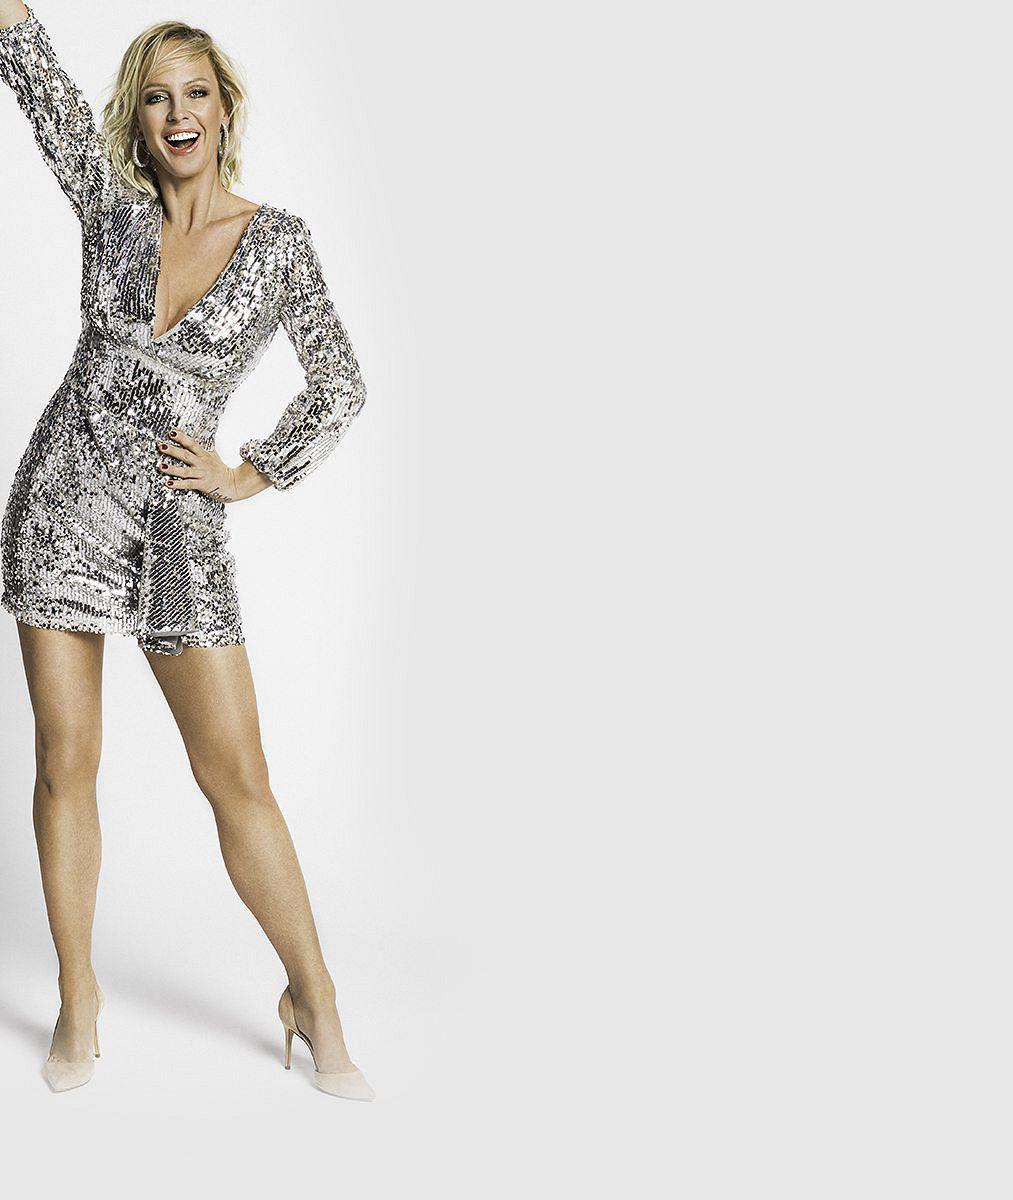 Věděli jste, že má Zuzana Belohorcová talent ina zpěv? Moderátorka se proměnila do Madonny